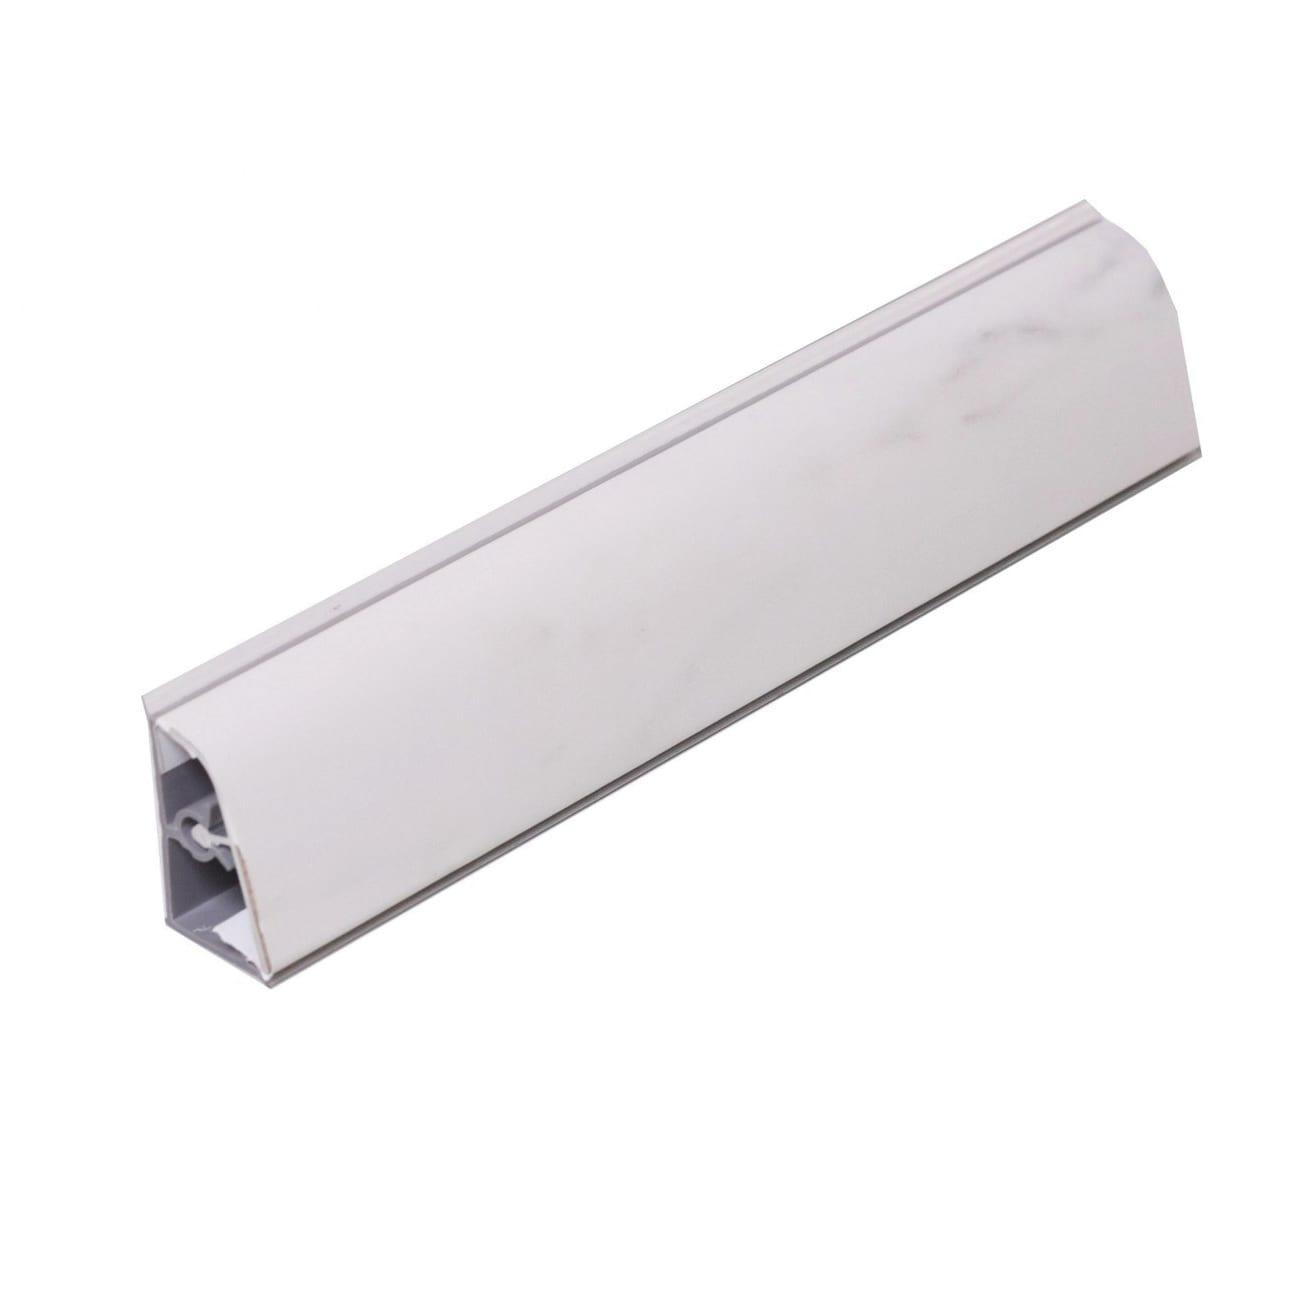 Alzatina Alluminio Per Cucina alzatina pvc marmo bianco l 300 x sp 3 cm